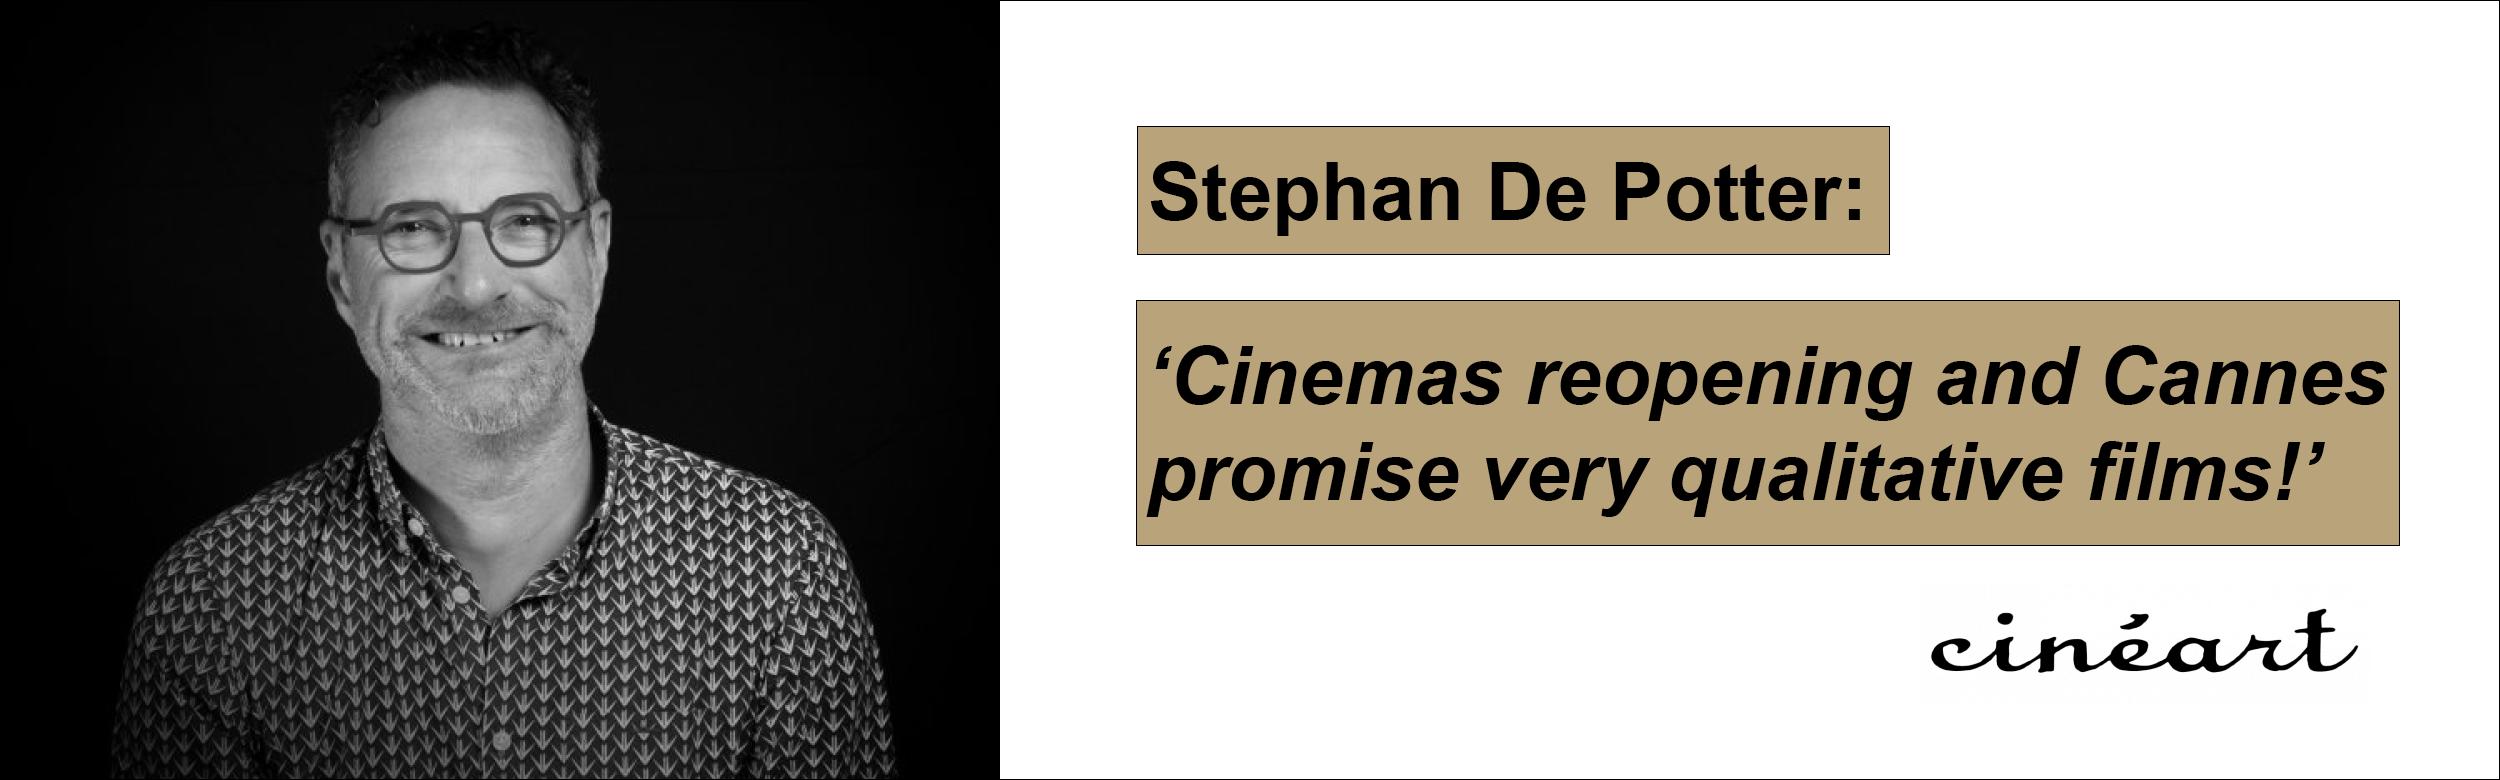 Stephan DP